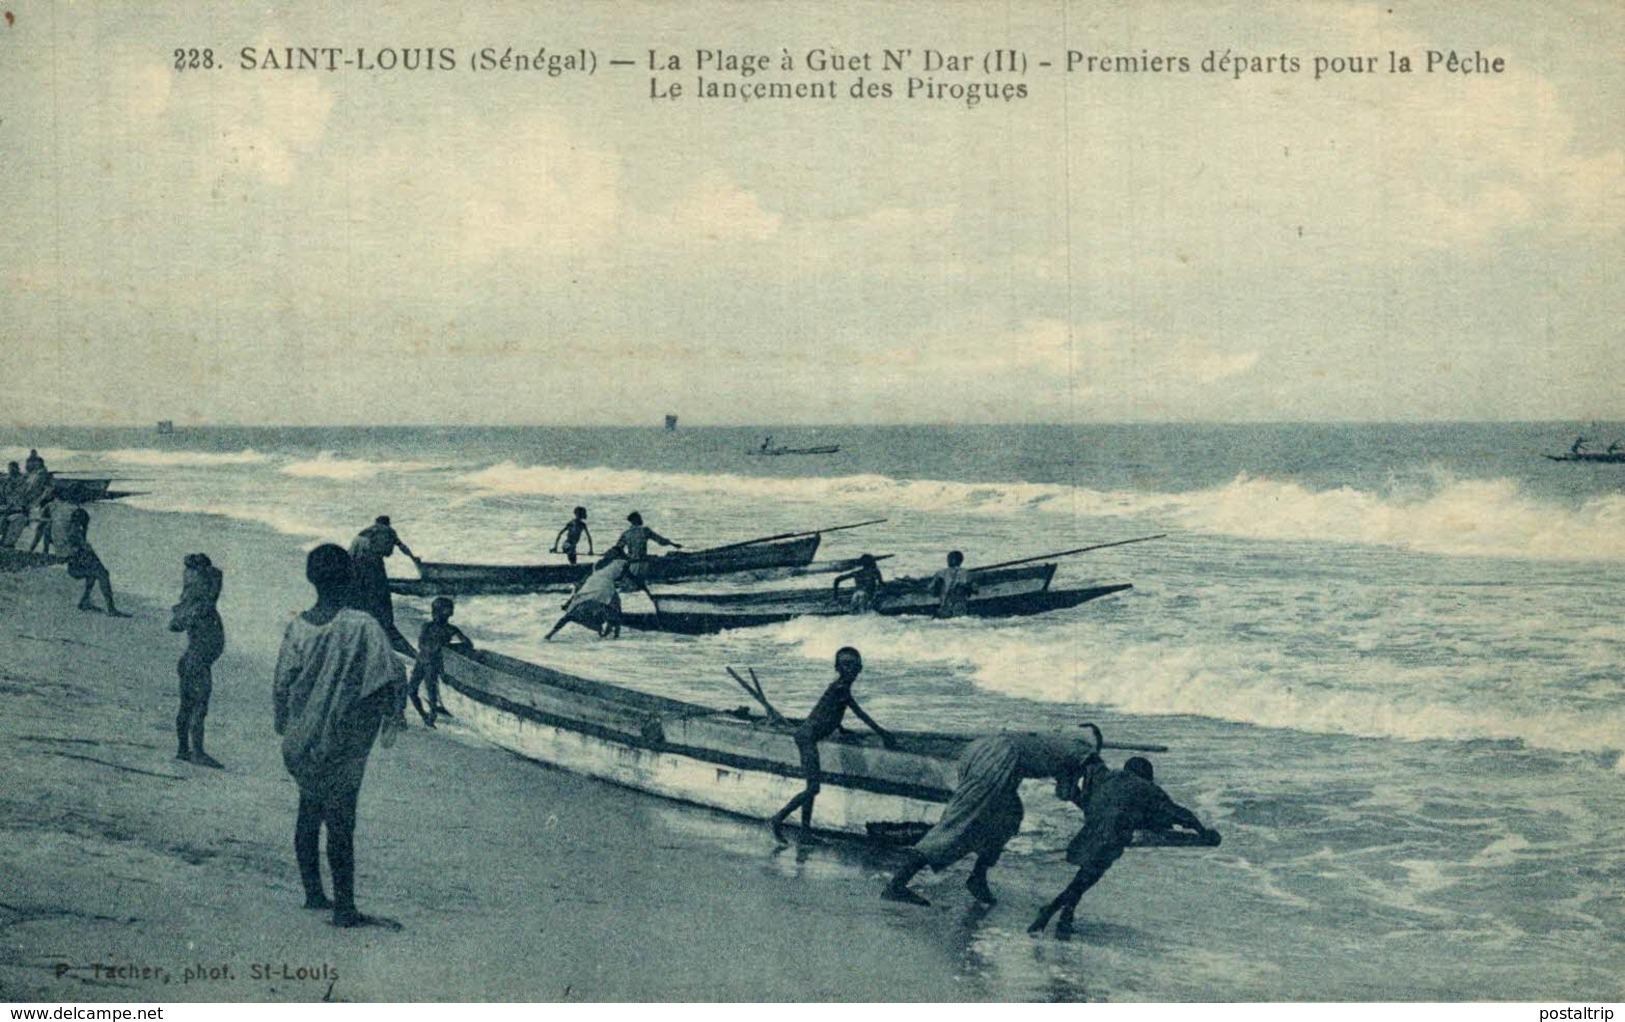 SENEGAL -228 - SAINT-LOUIS LA PLAGE A Guet N'Dar II PREMIERS DEPARTS POUR LA PECHE LE LANCEMENT DES PIROGUES - Senegal